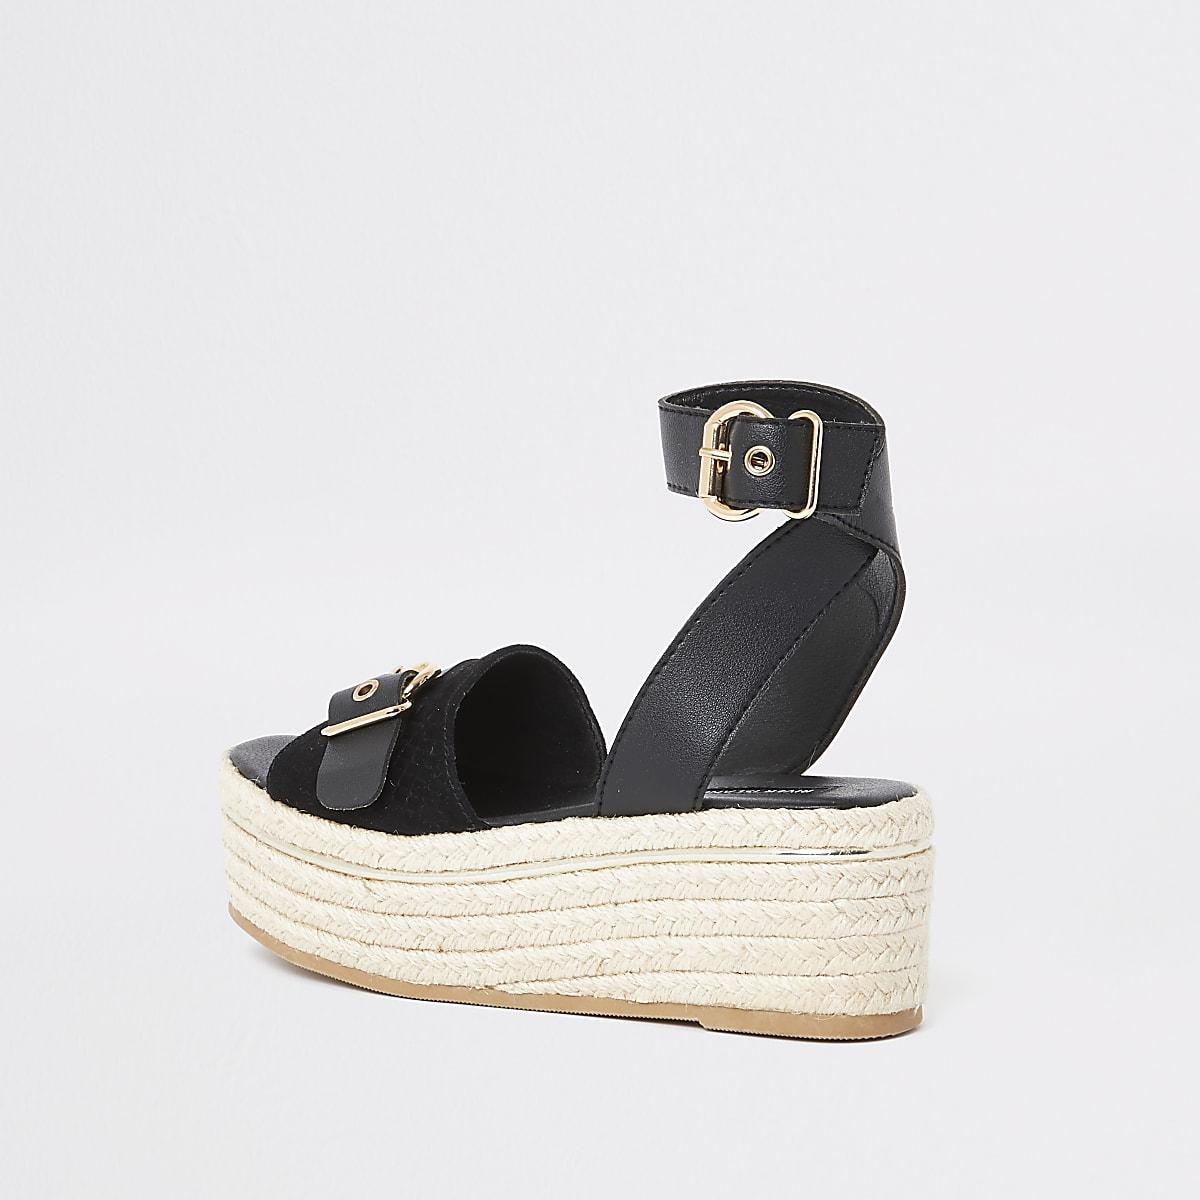 d99b11cf1c8c Black espadrille wide fit flatform sandals - Sandals - Shoes   Boots ...